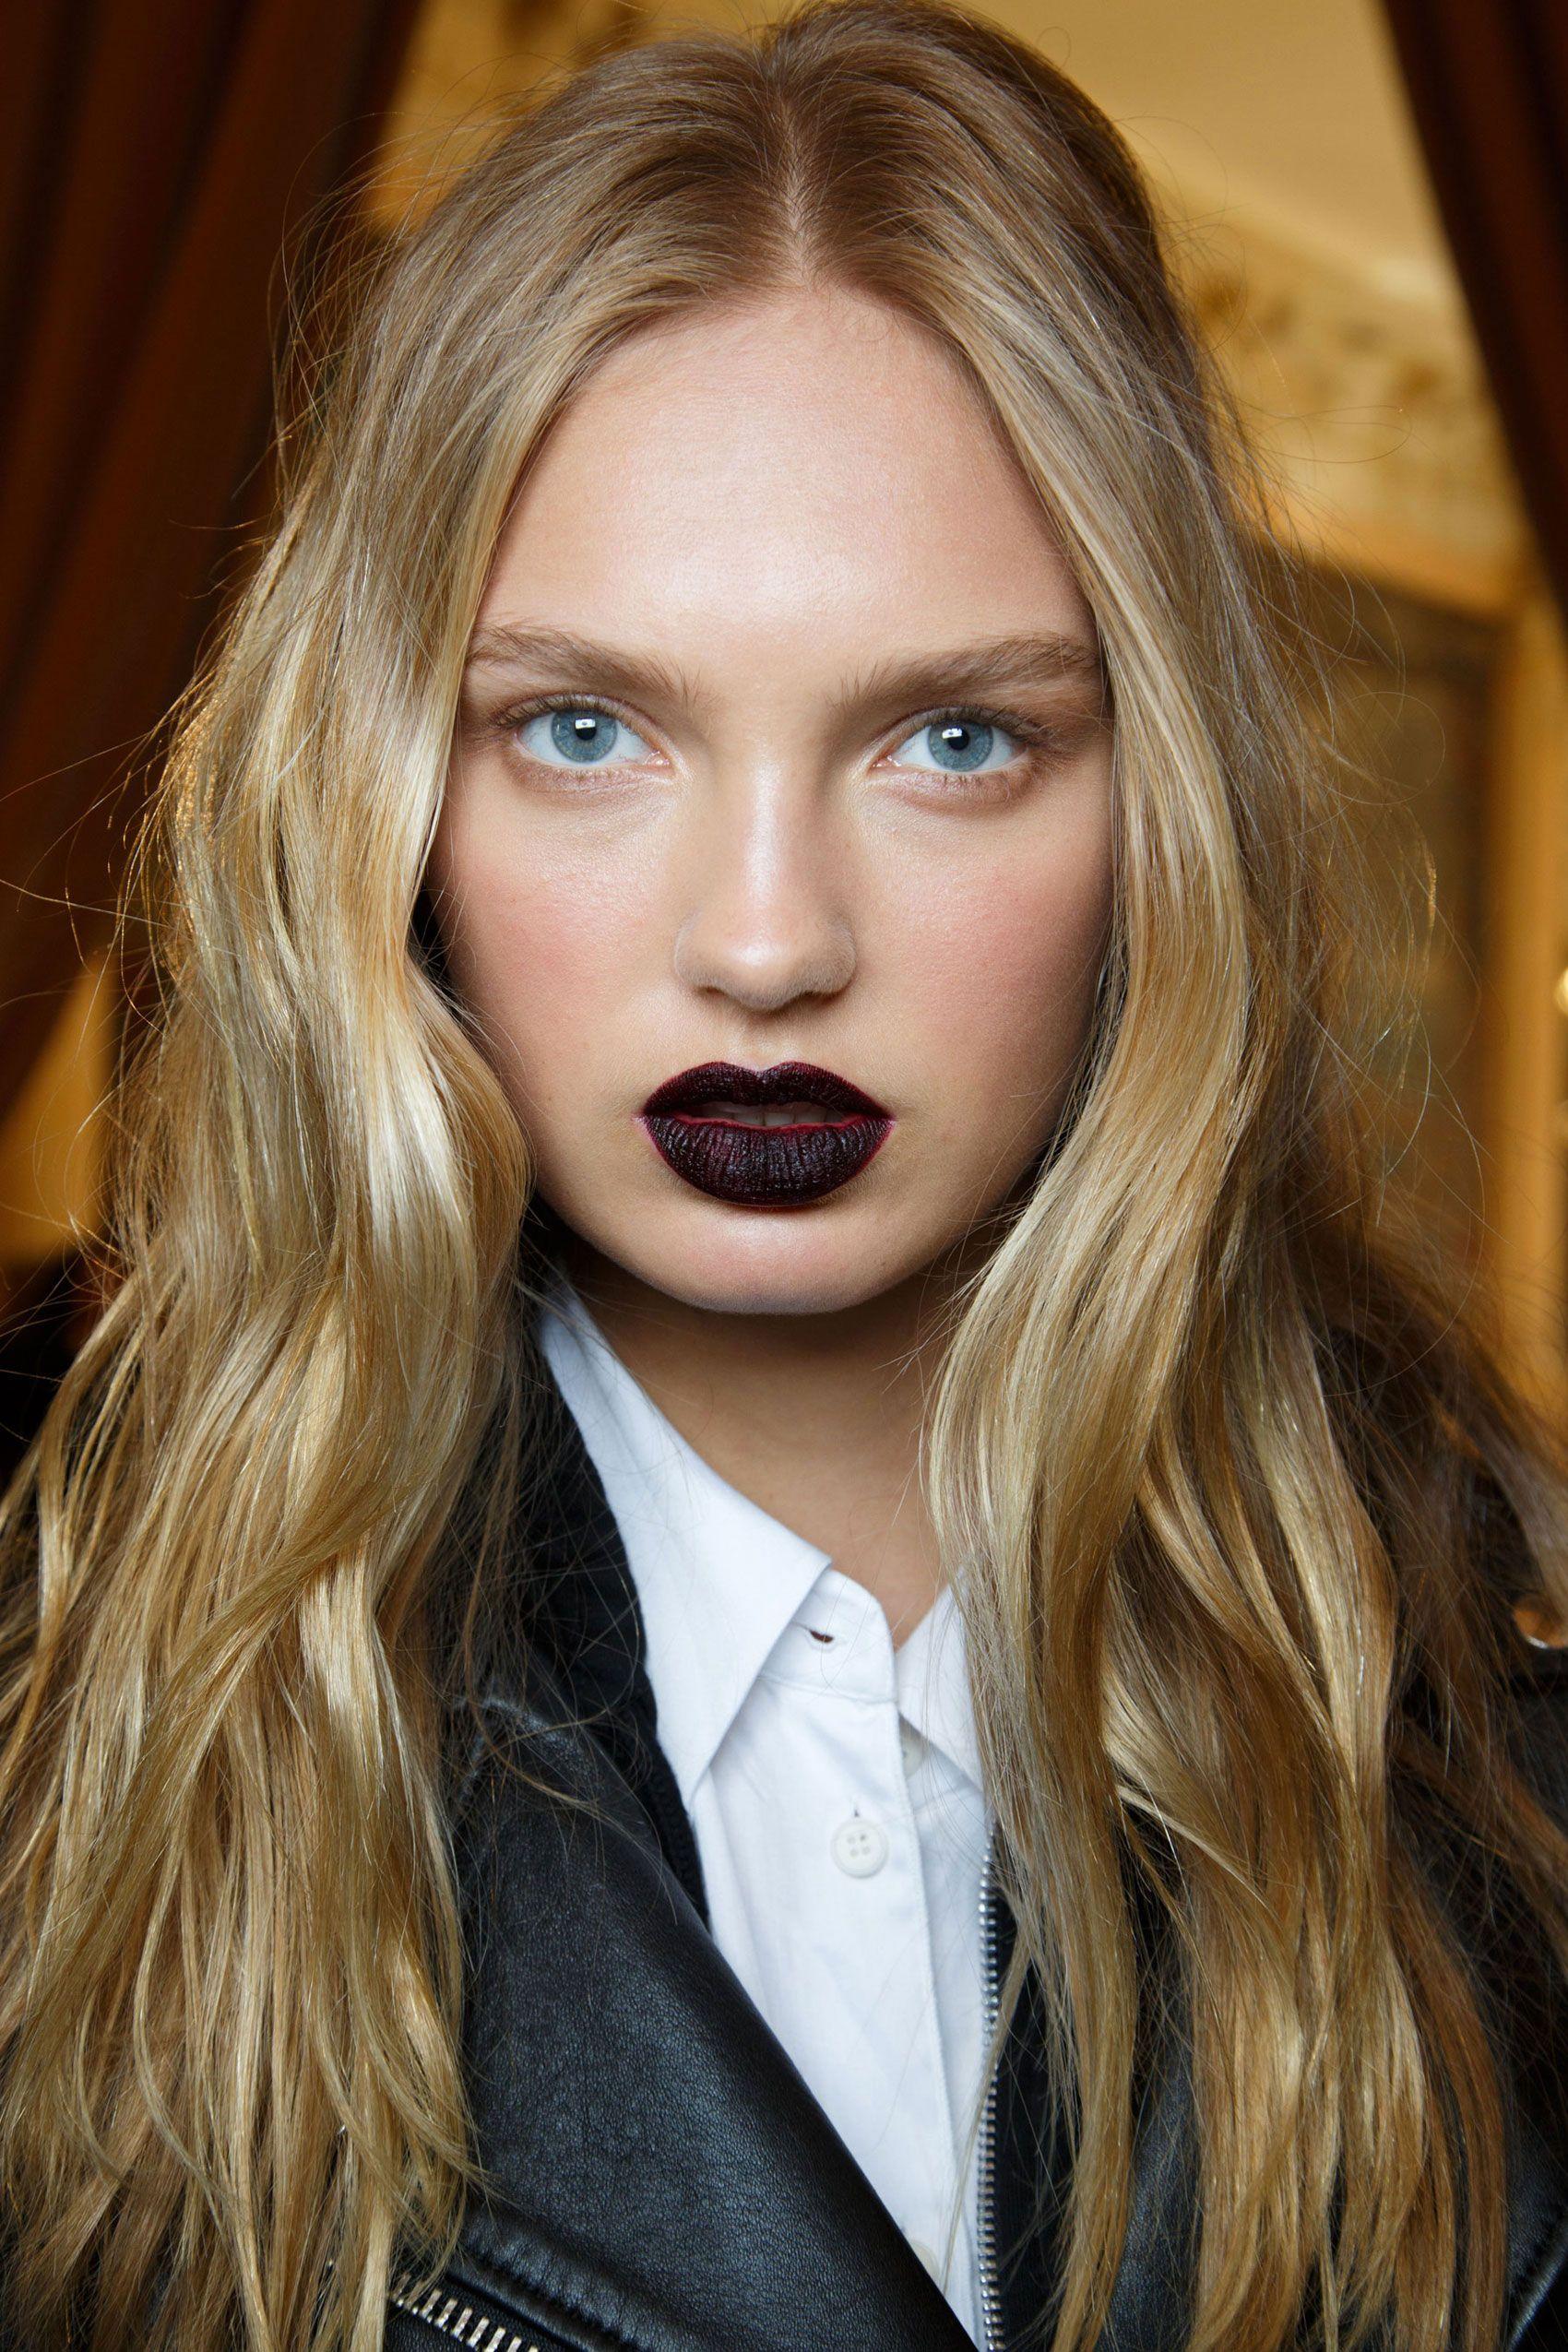 Fall 2015 Runway Beauty Hair Makeup And Nails From Paris Fashion Week Fall 2015